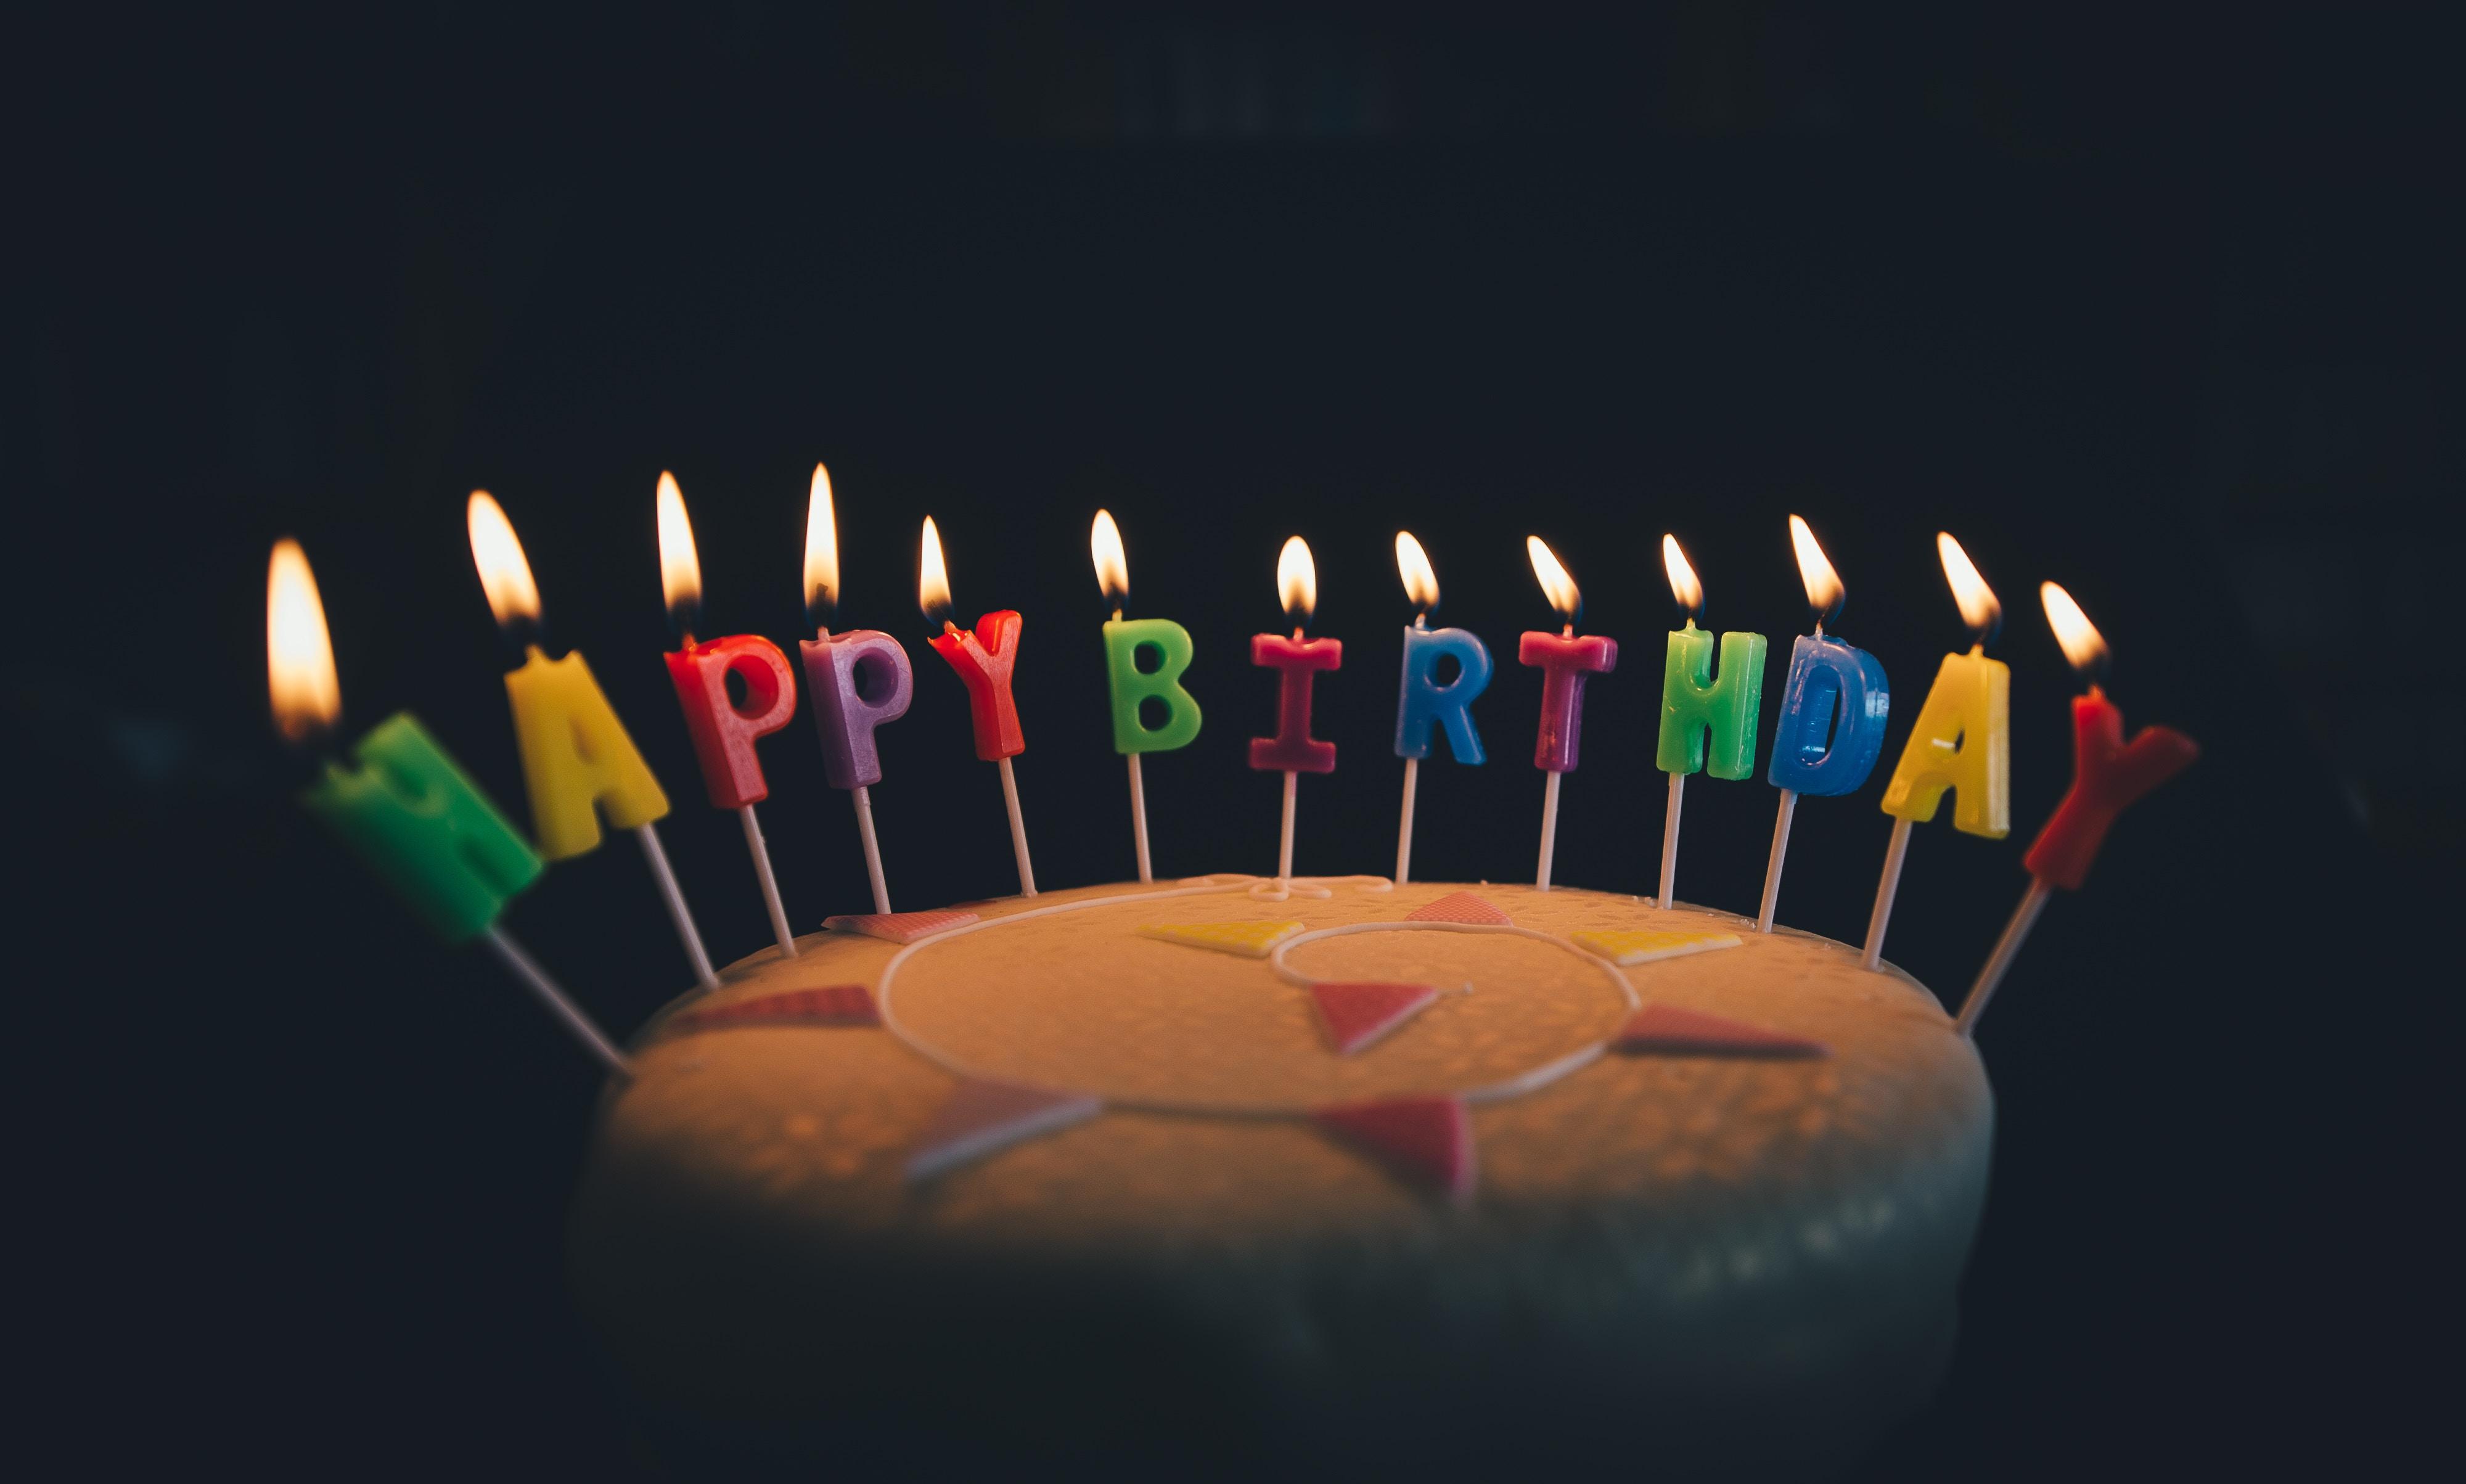 【夢占い】誕生日の夢は何のサイン?誕生日の夢の意味を解説